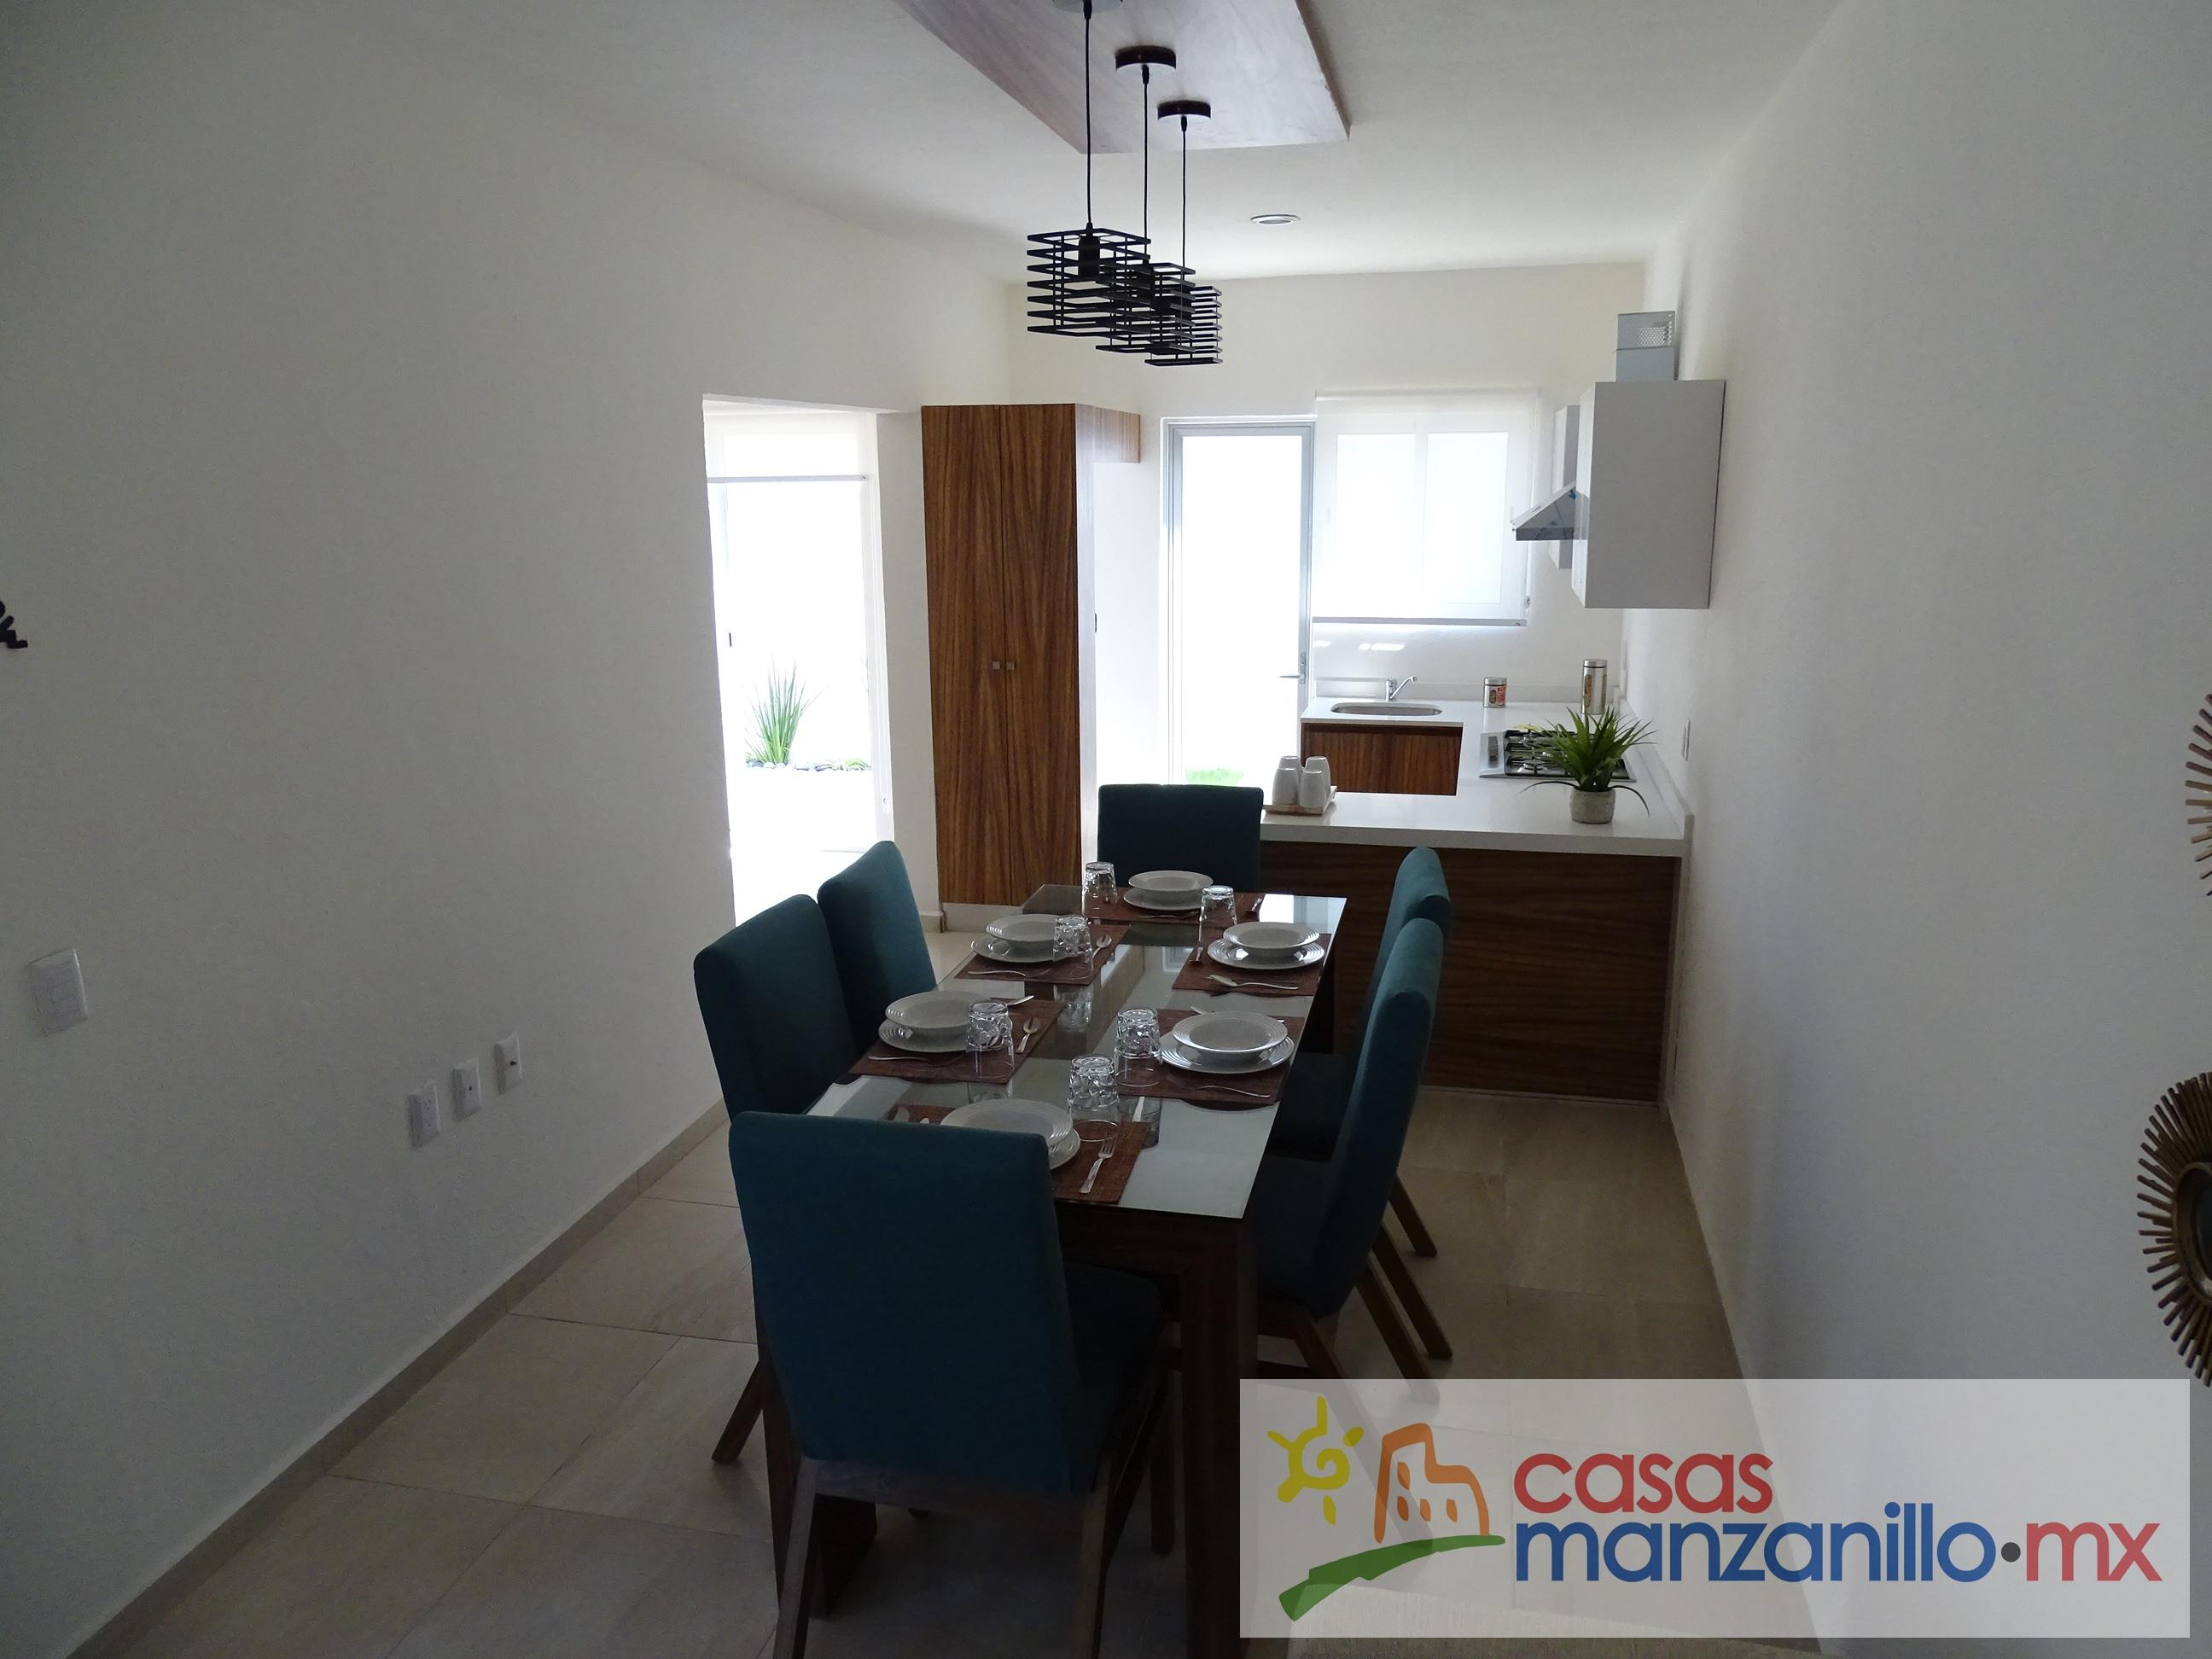 Casas VENTA Manzanillo - Punta Arena (9)